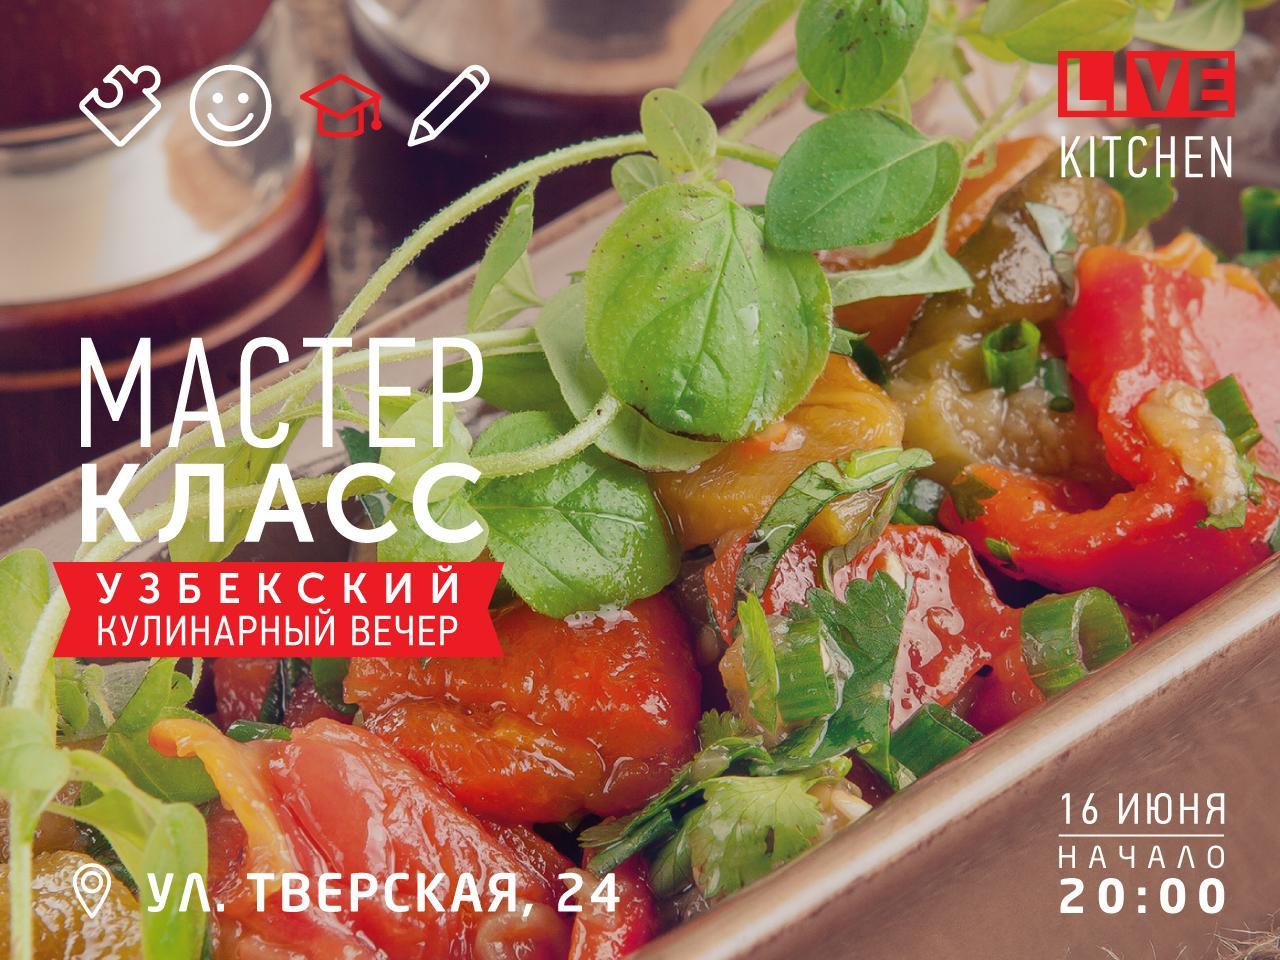 Узбекский кулинарный вечер